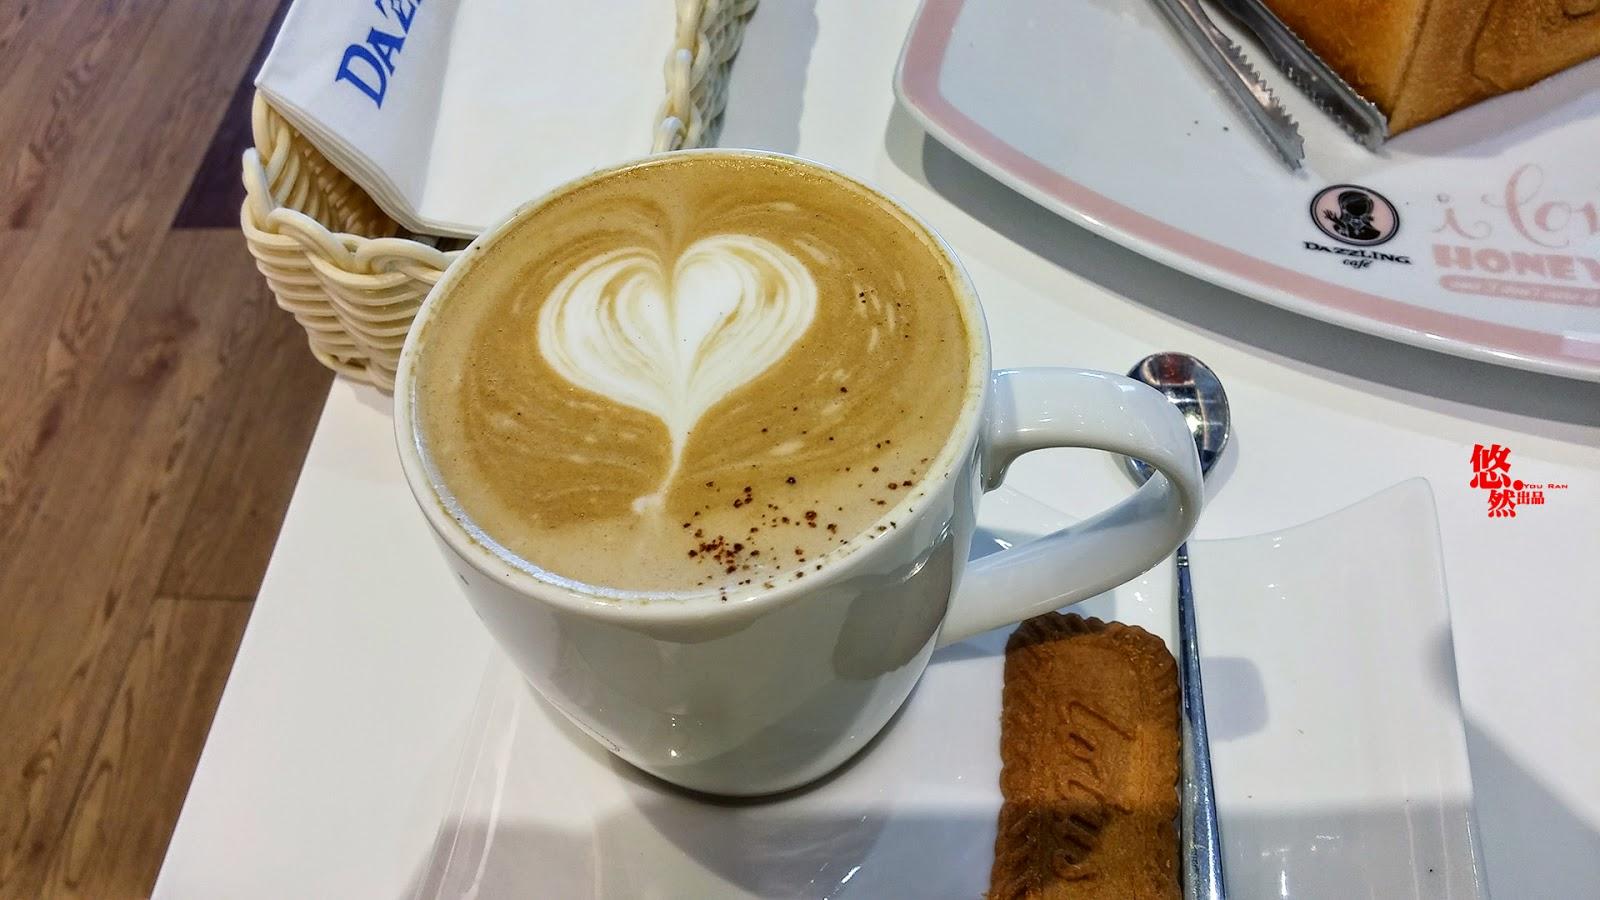 Dazzling Cafe - Cafe Lotte 拿鐵咖啡